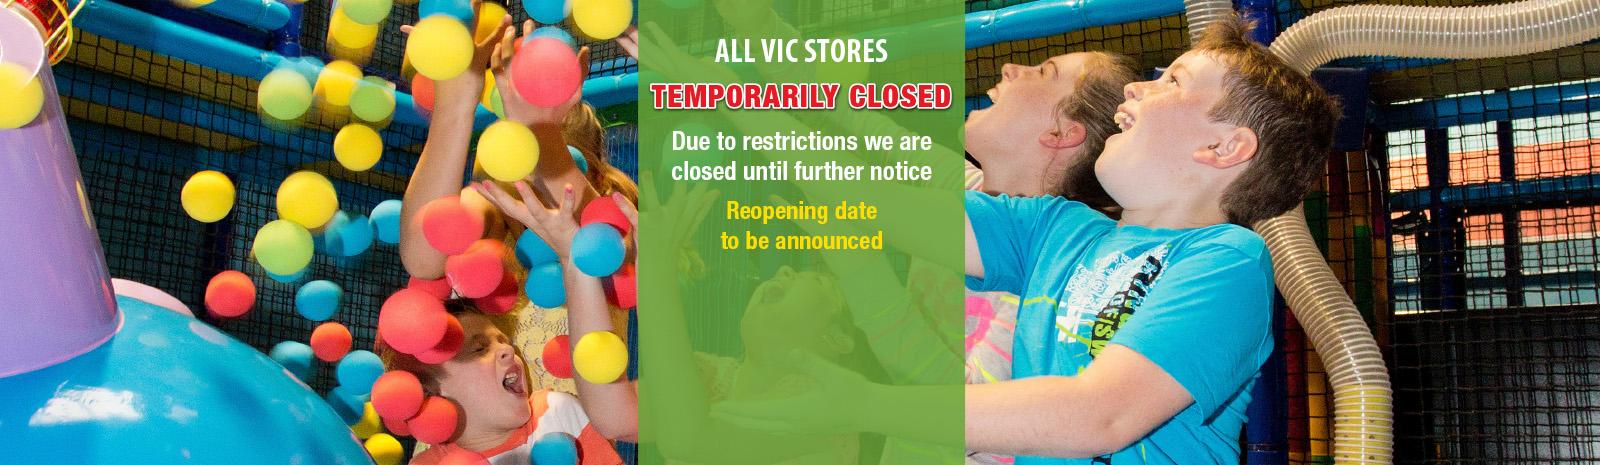 VIC-temp-closed